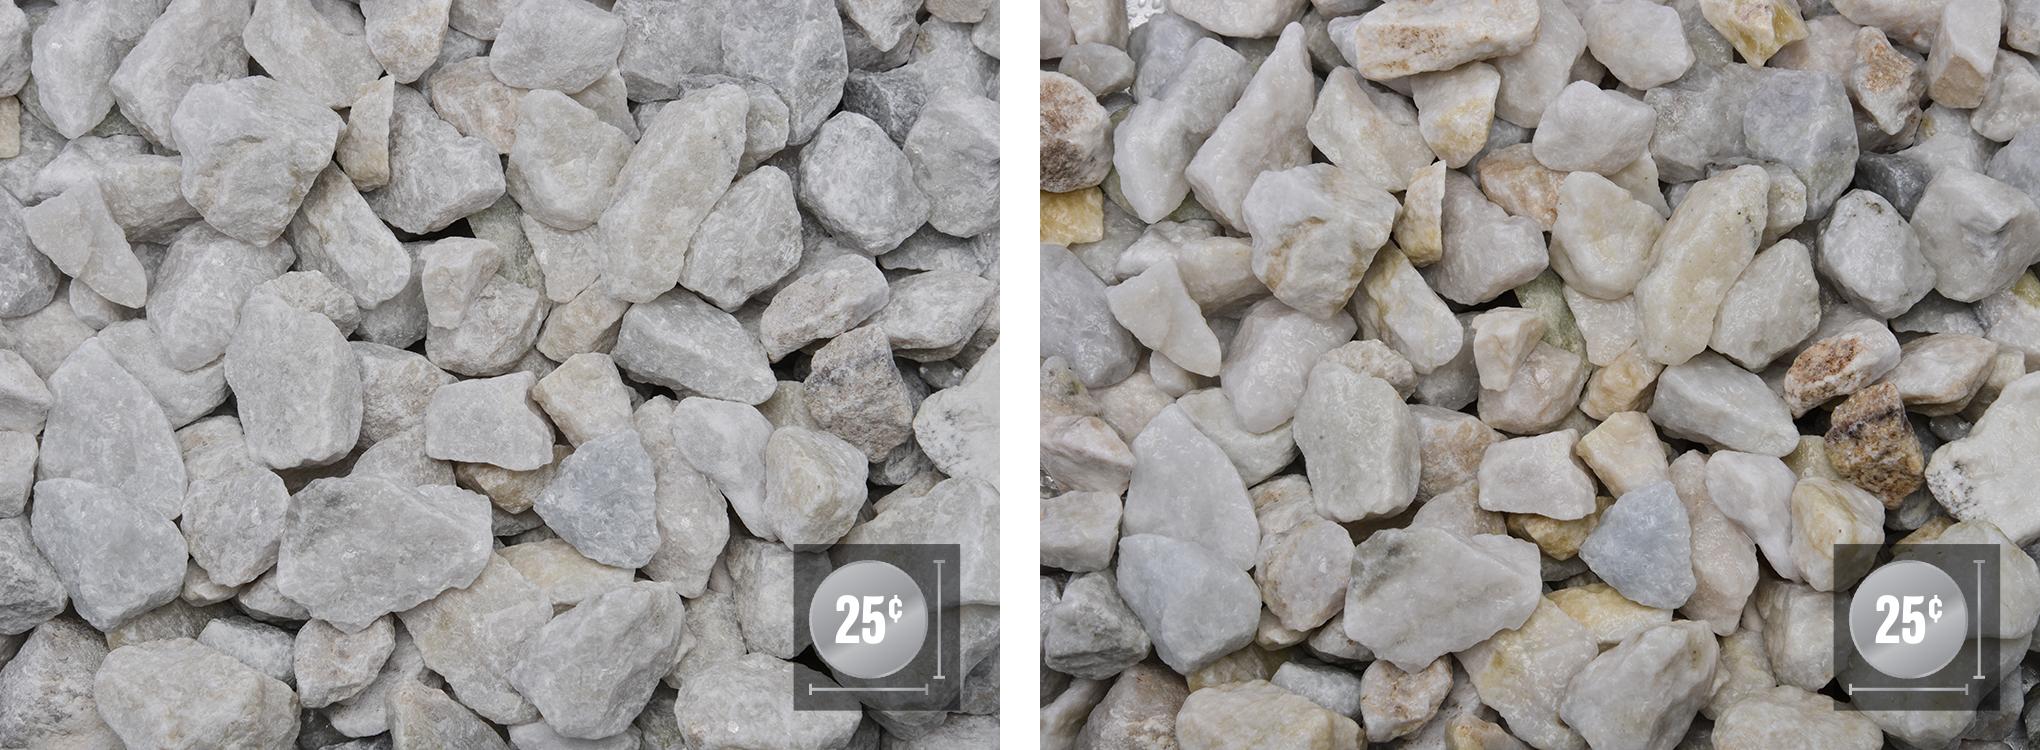 """1"""" - 1 1/2"""" (Left: Dry, Right: Wet)"""